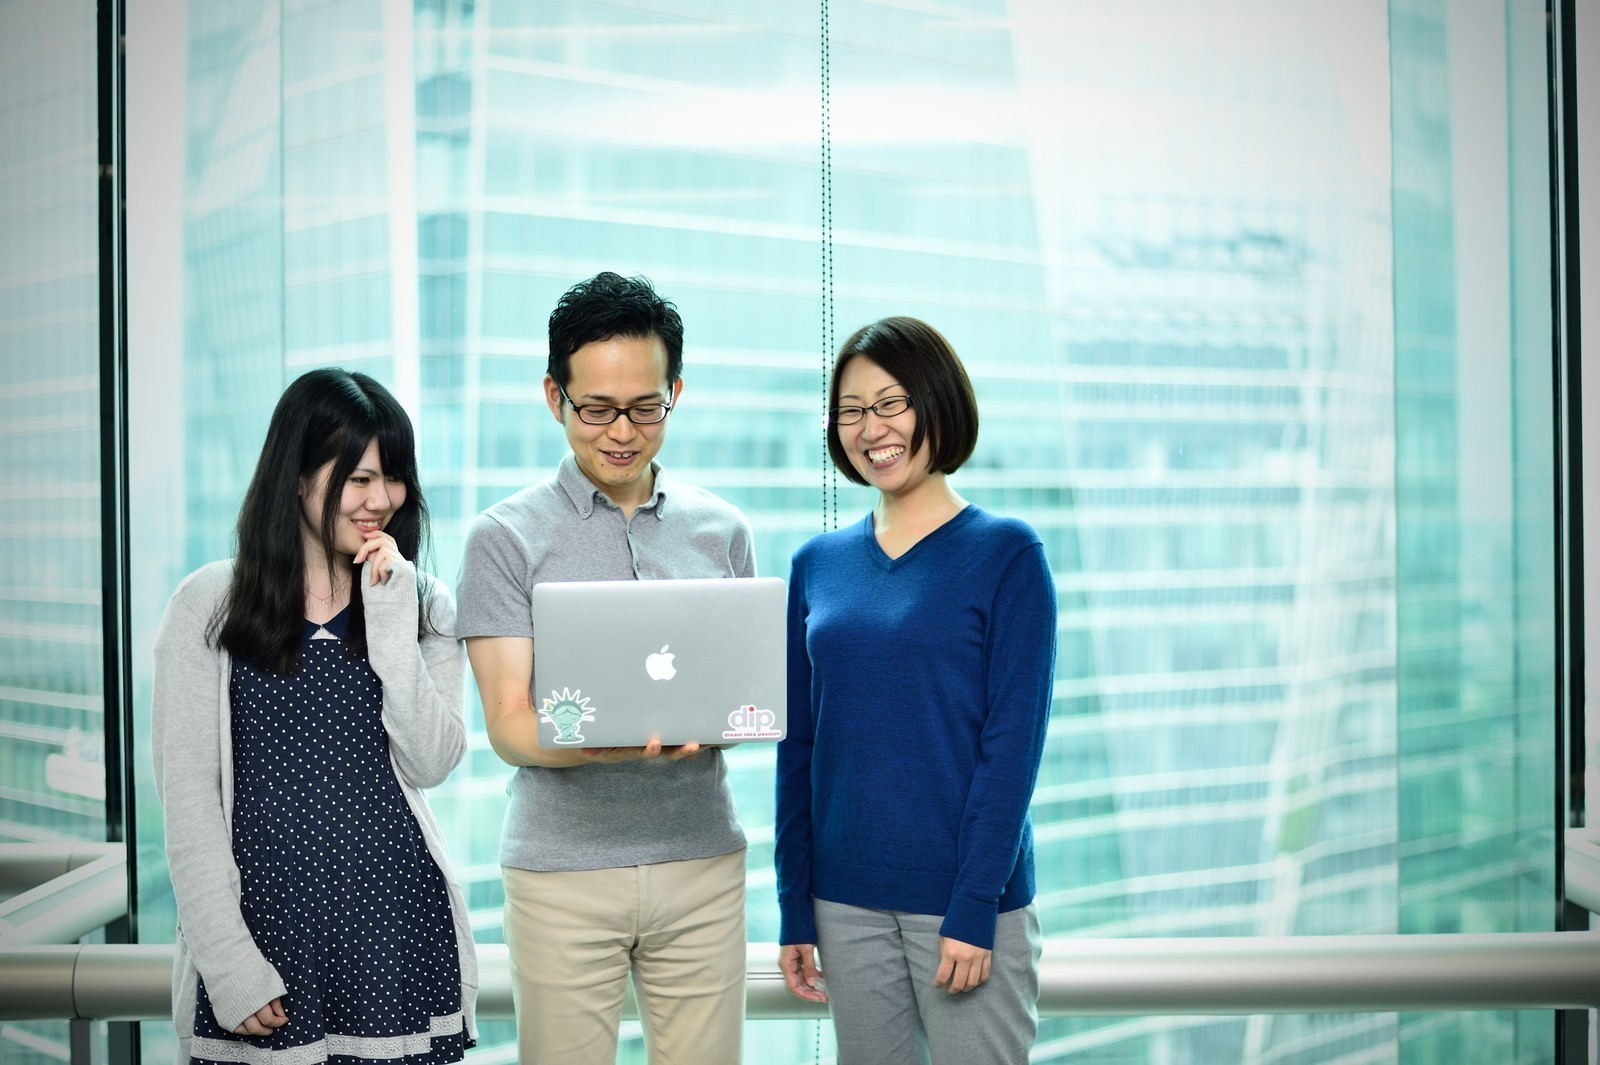 日本最大級のアルバイト求人情報サイト『バイトル』などのインフラを支えるインフラエンジニアを募集!